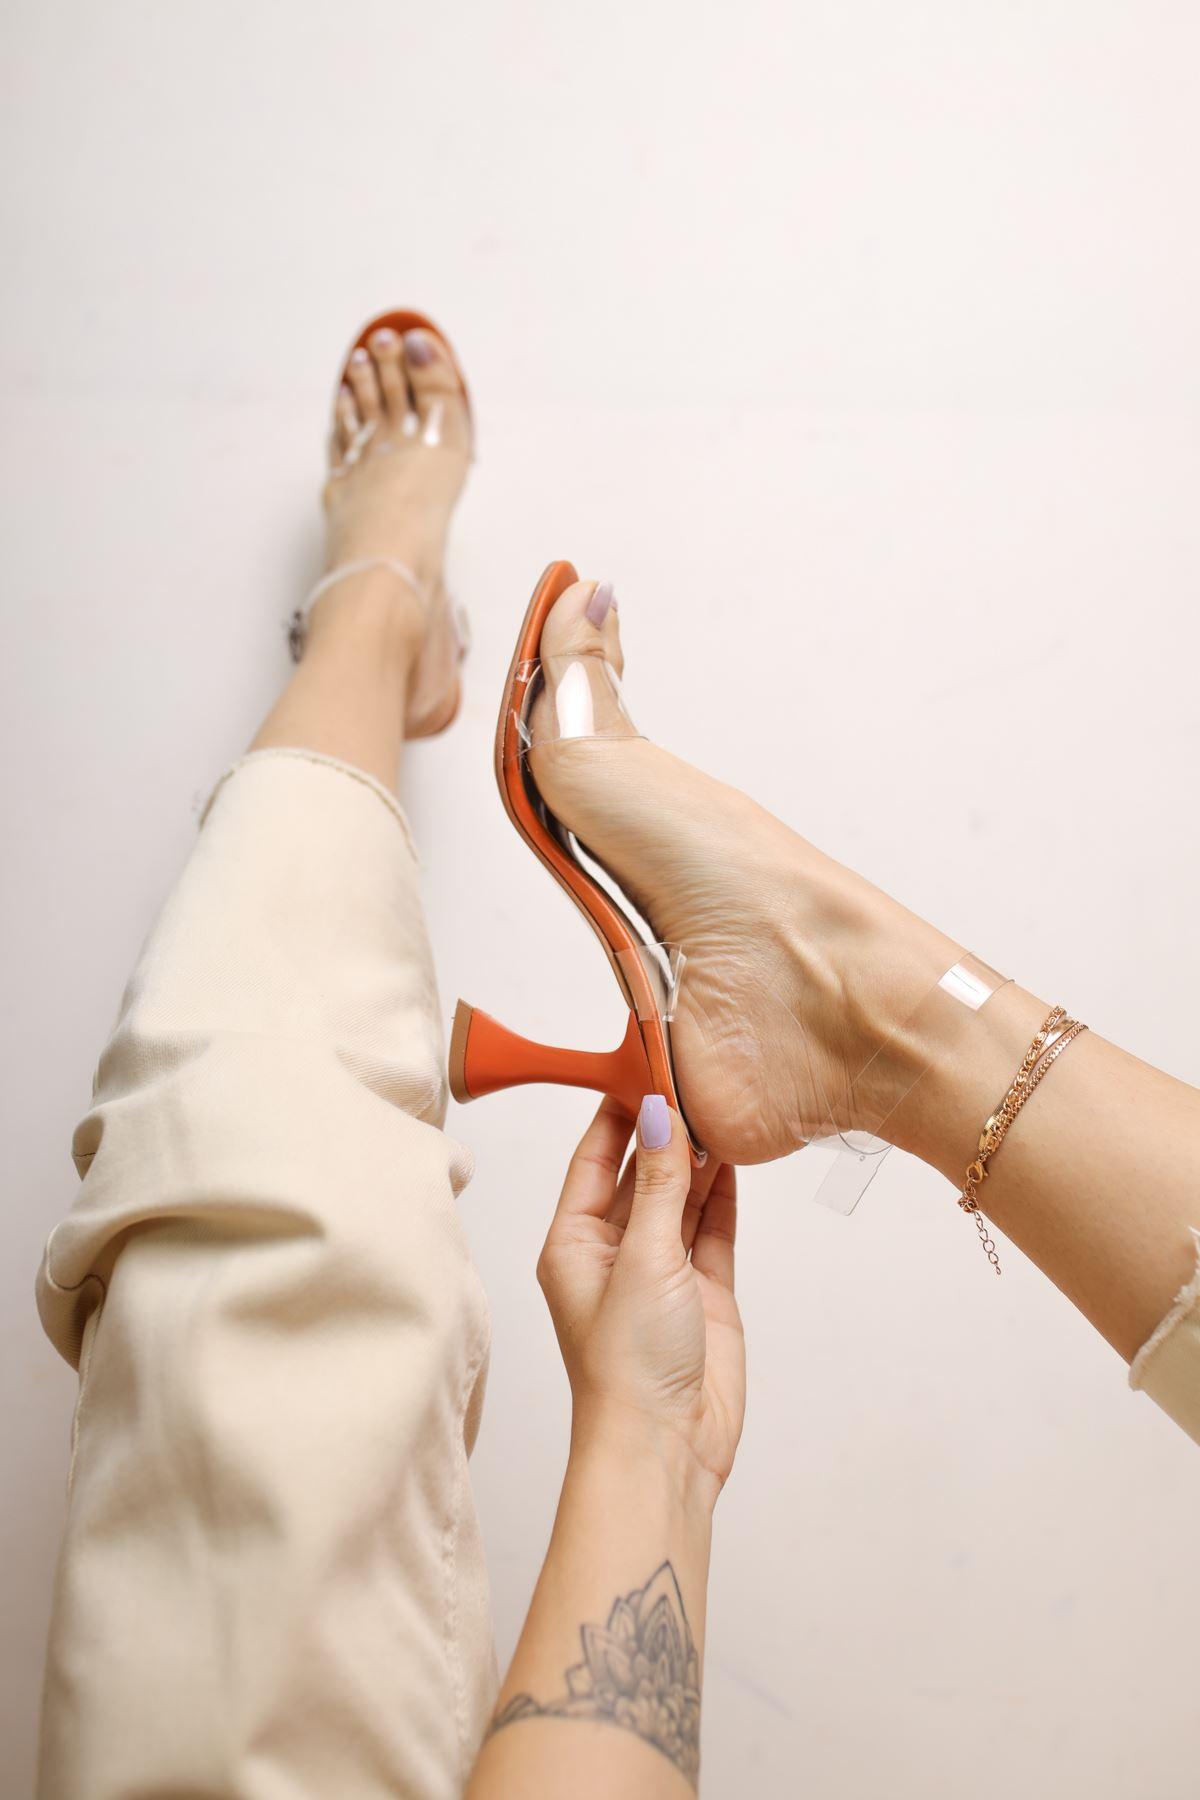 Oleg Oranj Mat Deri Şeffaf Kadın Topuklu Ayakkabı